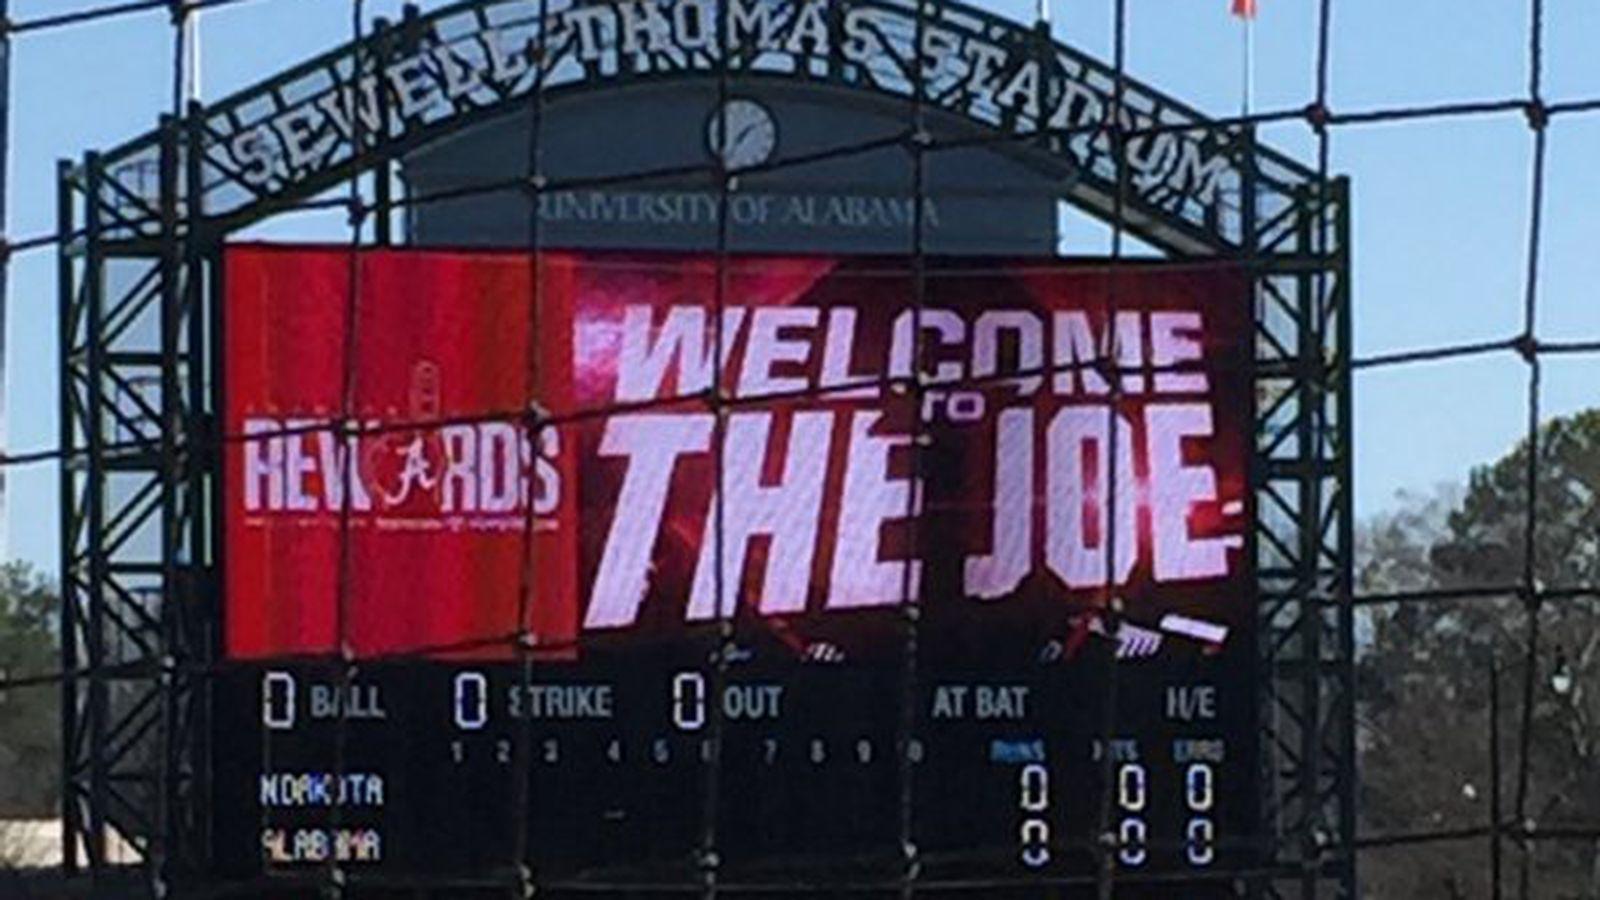 The_joe.0.0